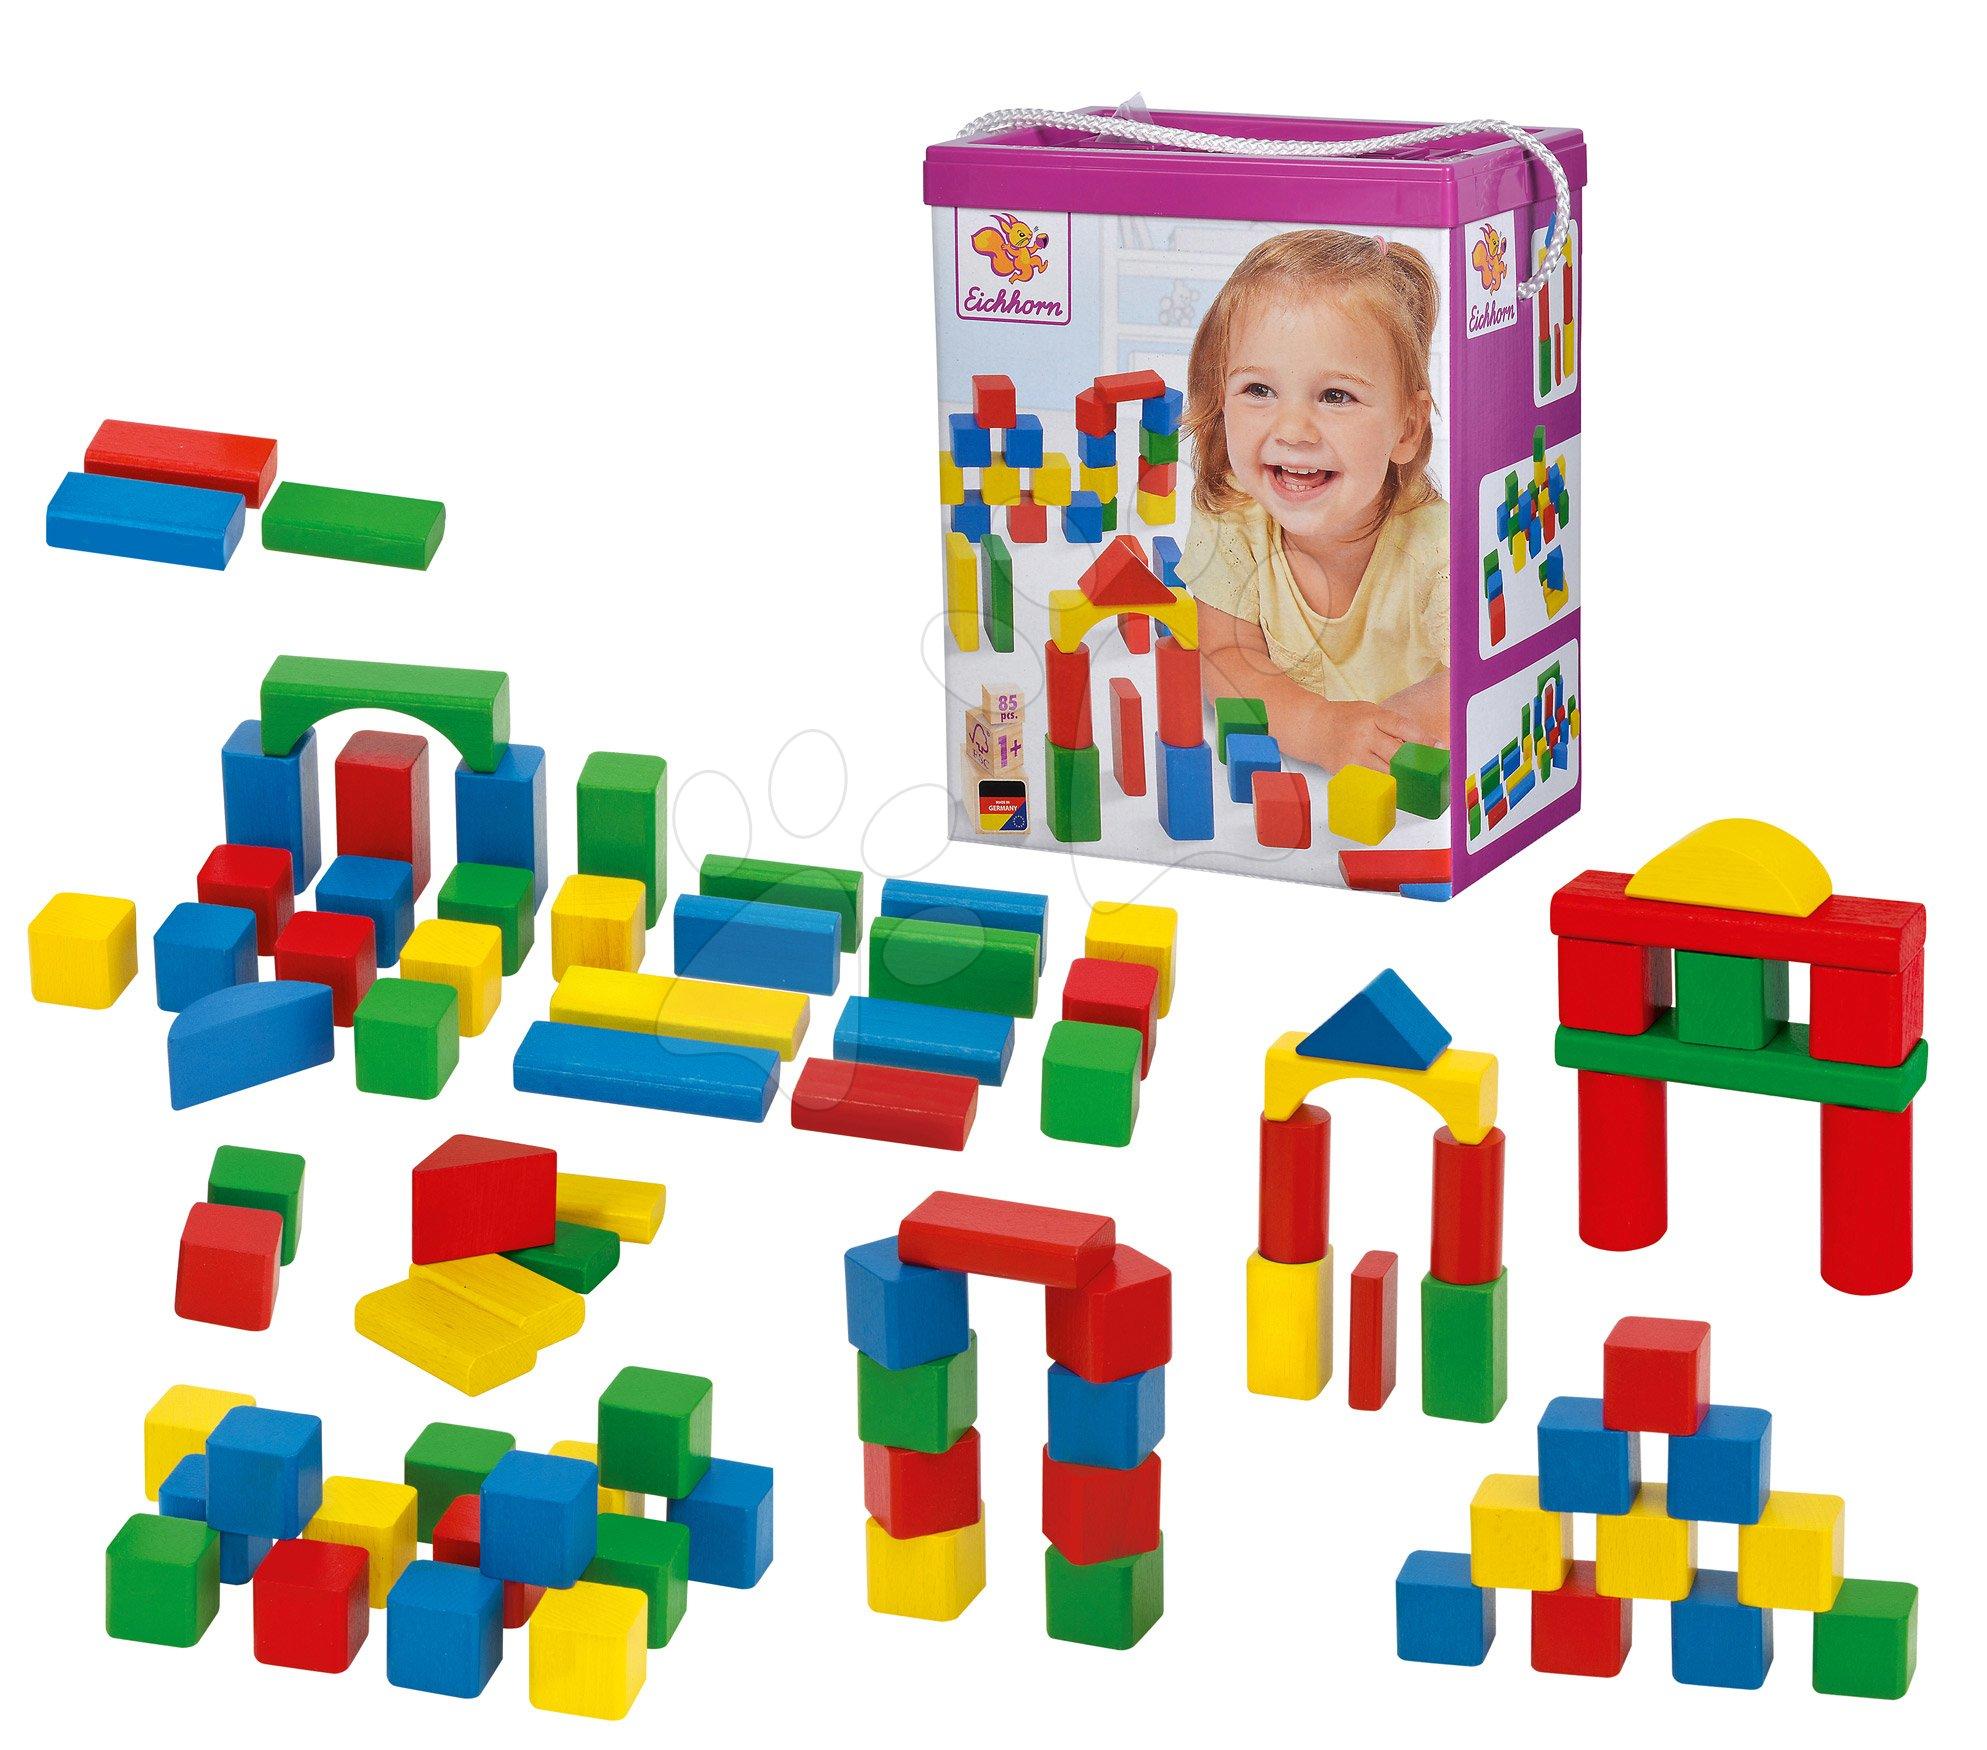 Dřevěné kostky - Dřevěné kostky Wooden Toy Blocks Eichhorn barevné 85 dílů v různých tvarech od 12 měsíců